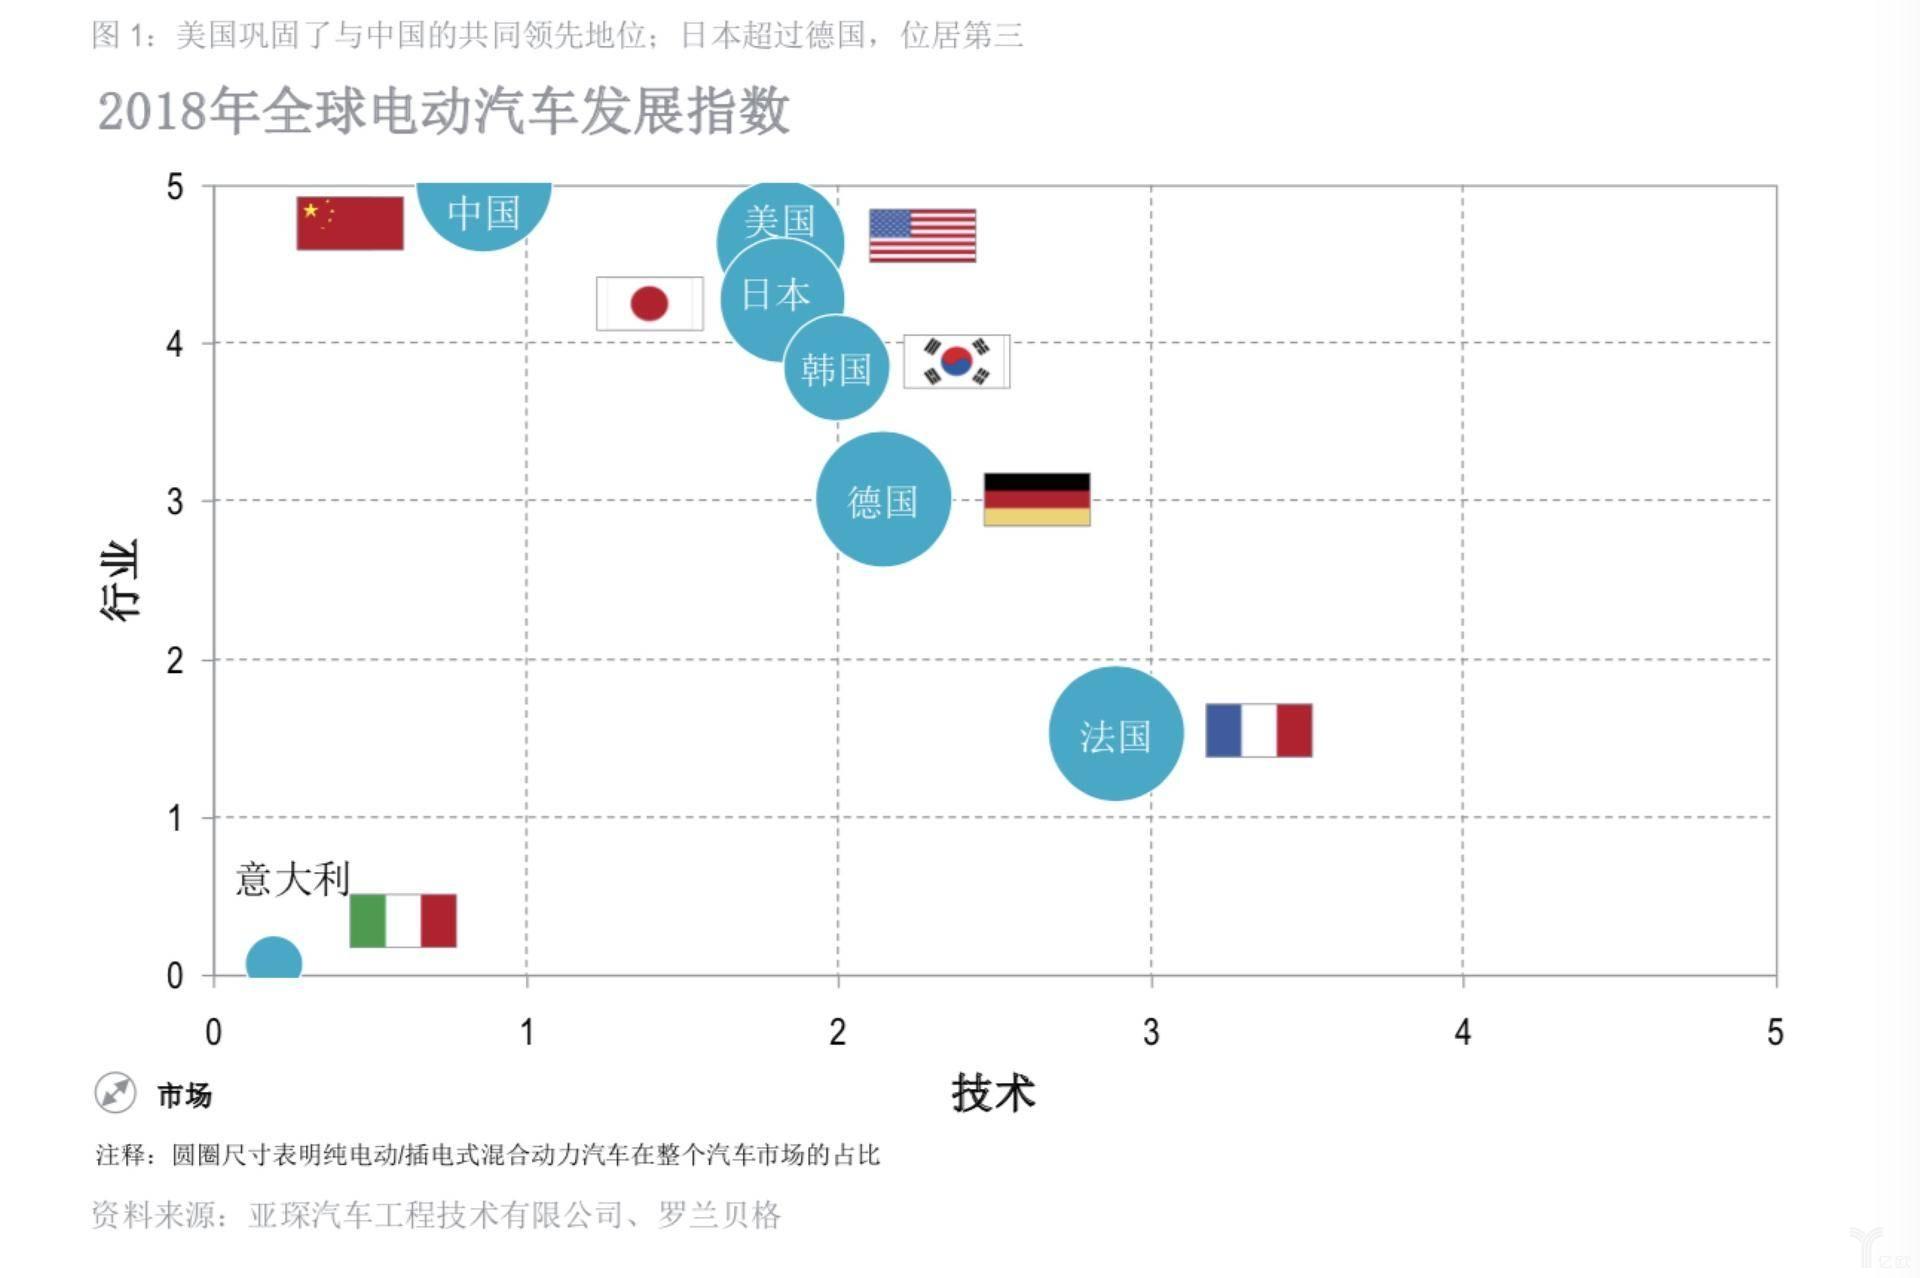 2018年全球电动汽车发展指数:中国领先 意大利垫底